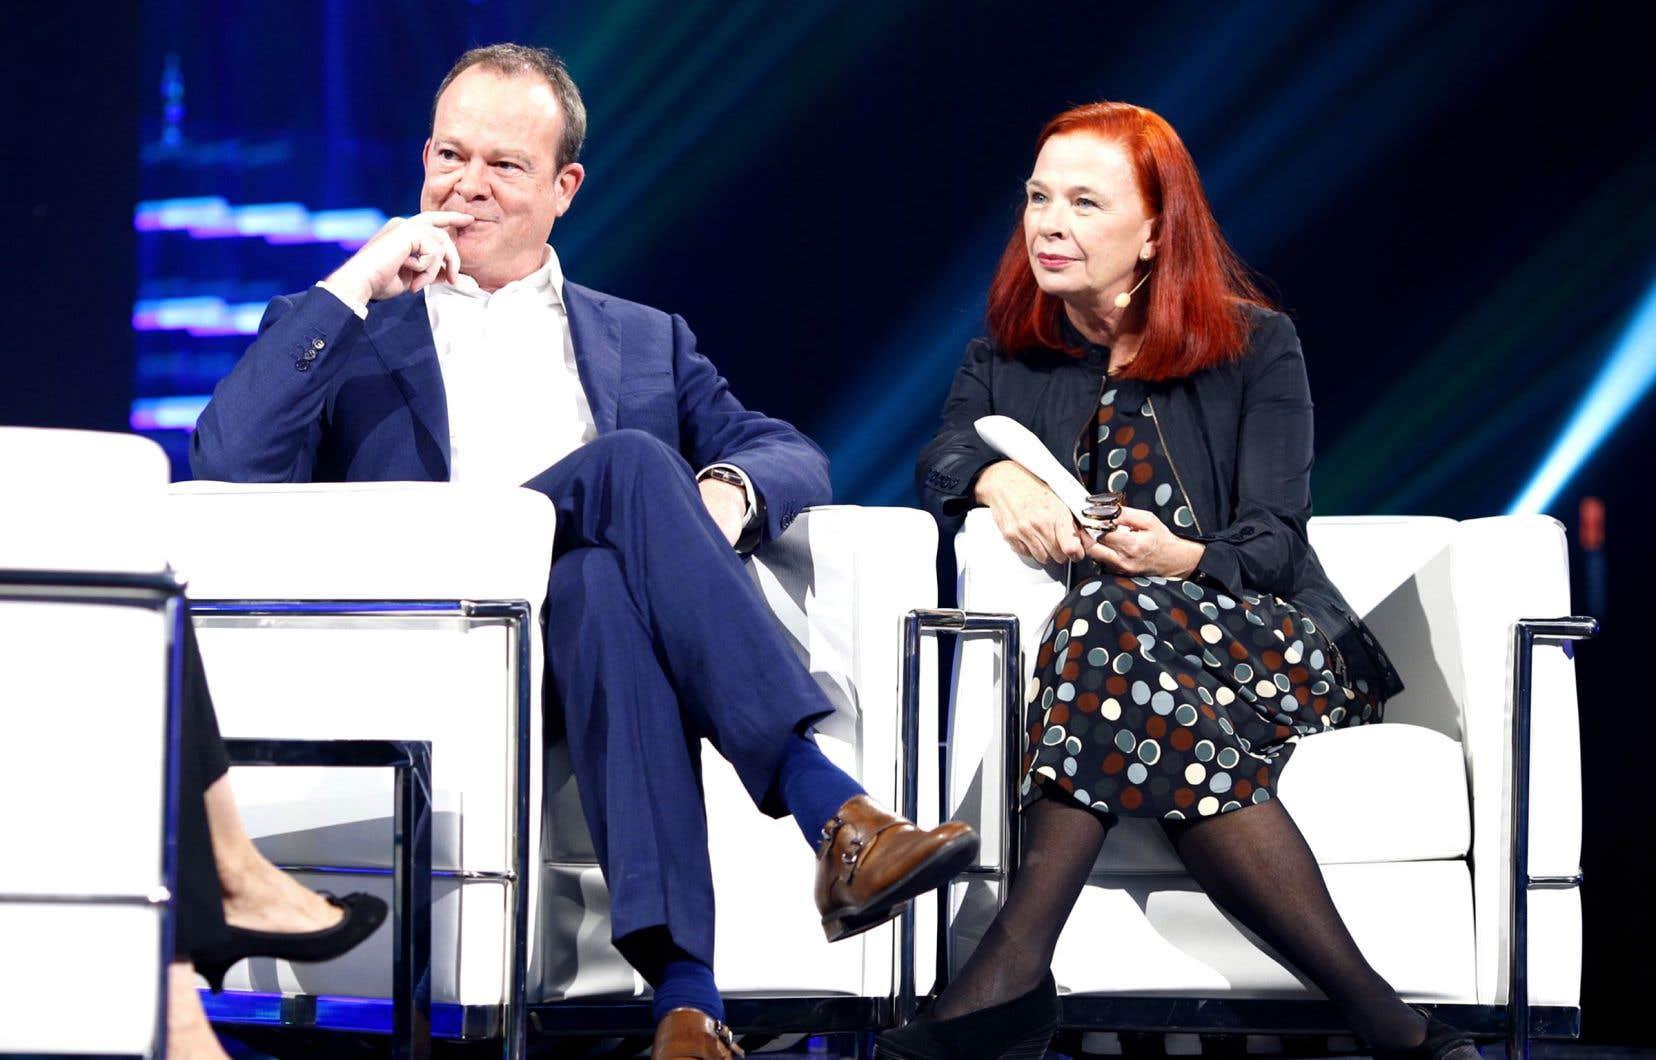 Le vice-président principal de Radio-Canada, Michel Bissonnette, et la nouvelle p.-d.g. de CBC/Radio-Canada, Catherine Tait, lors de la conférence sur l'innovation intitulée «Le futur n'est pas de la fiction»